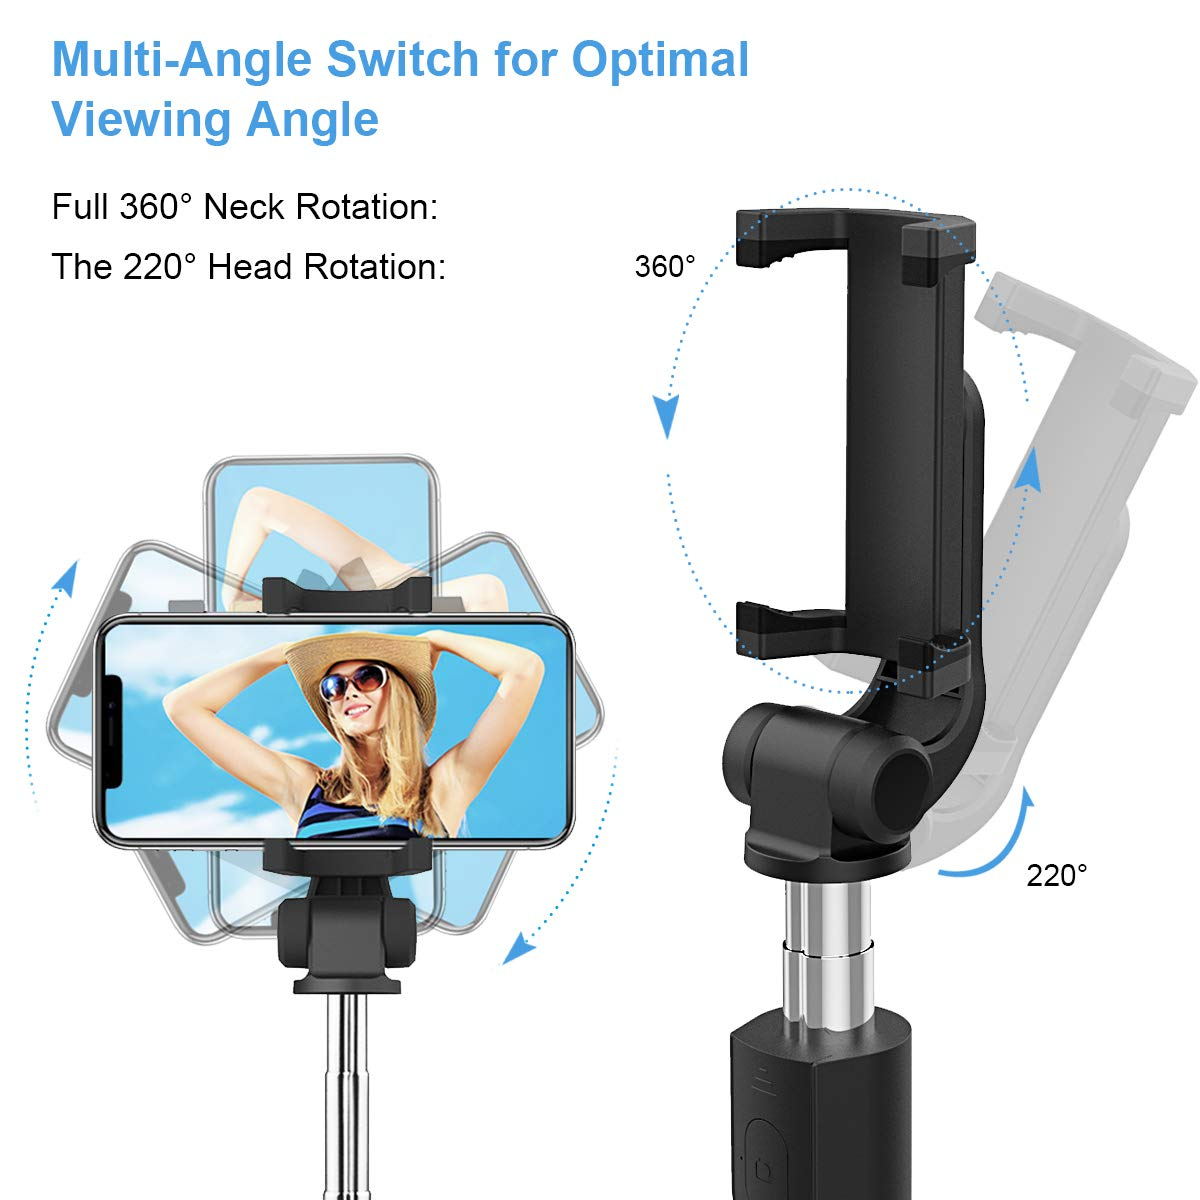 pour iPhone XS Max sans Batterie, sans Bluetooth Abafia Perche Selfie Huawei Mate 9 et Android /&syst/ème iOS 3.5-6.0 -Noir Glaxy A6 2018 // S9 Plus B/âton Selfie R/églable//Extensible avec C/âble